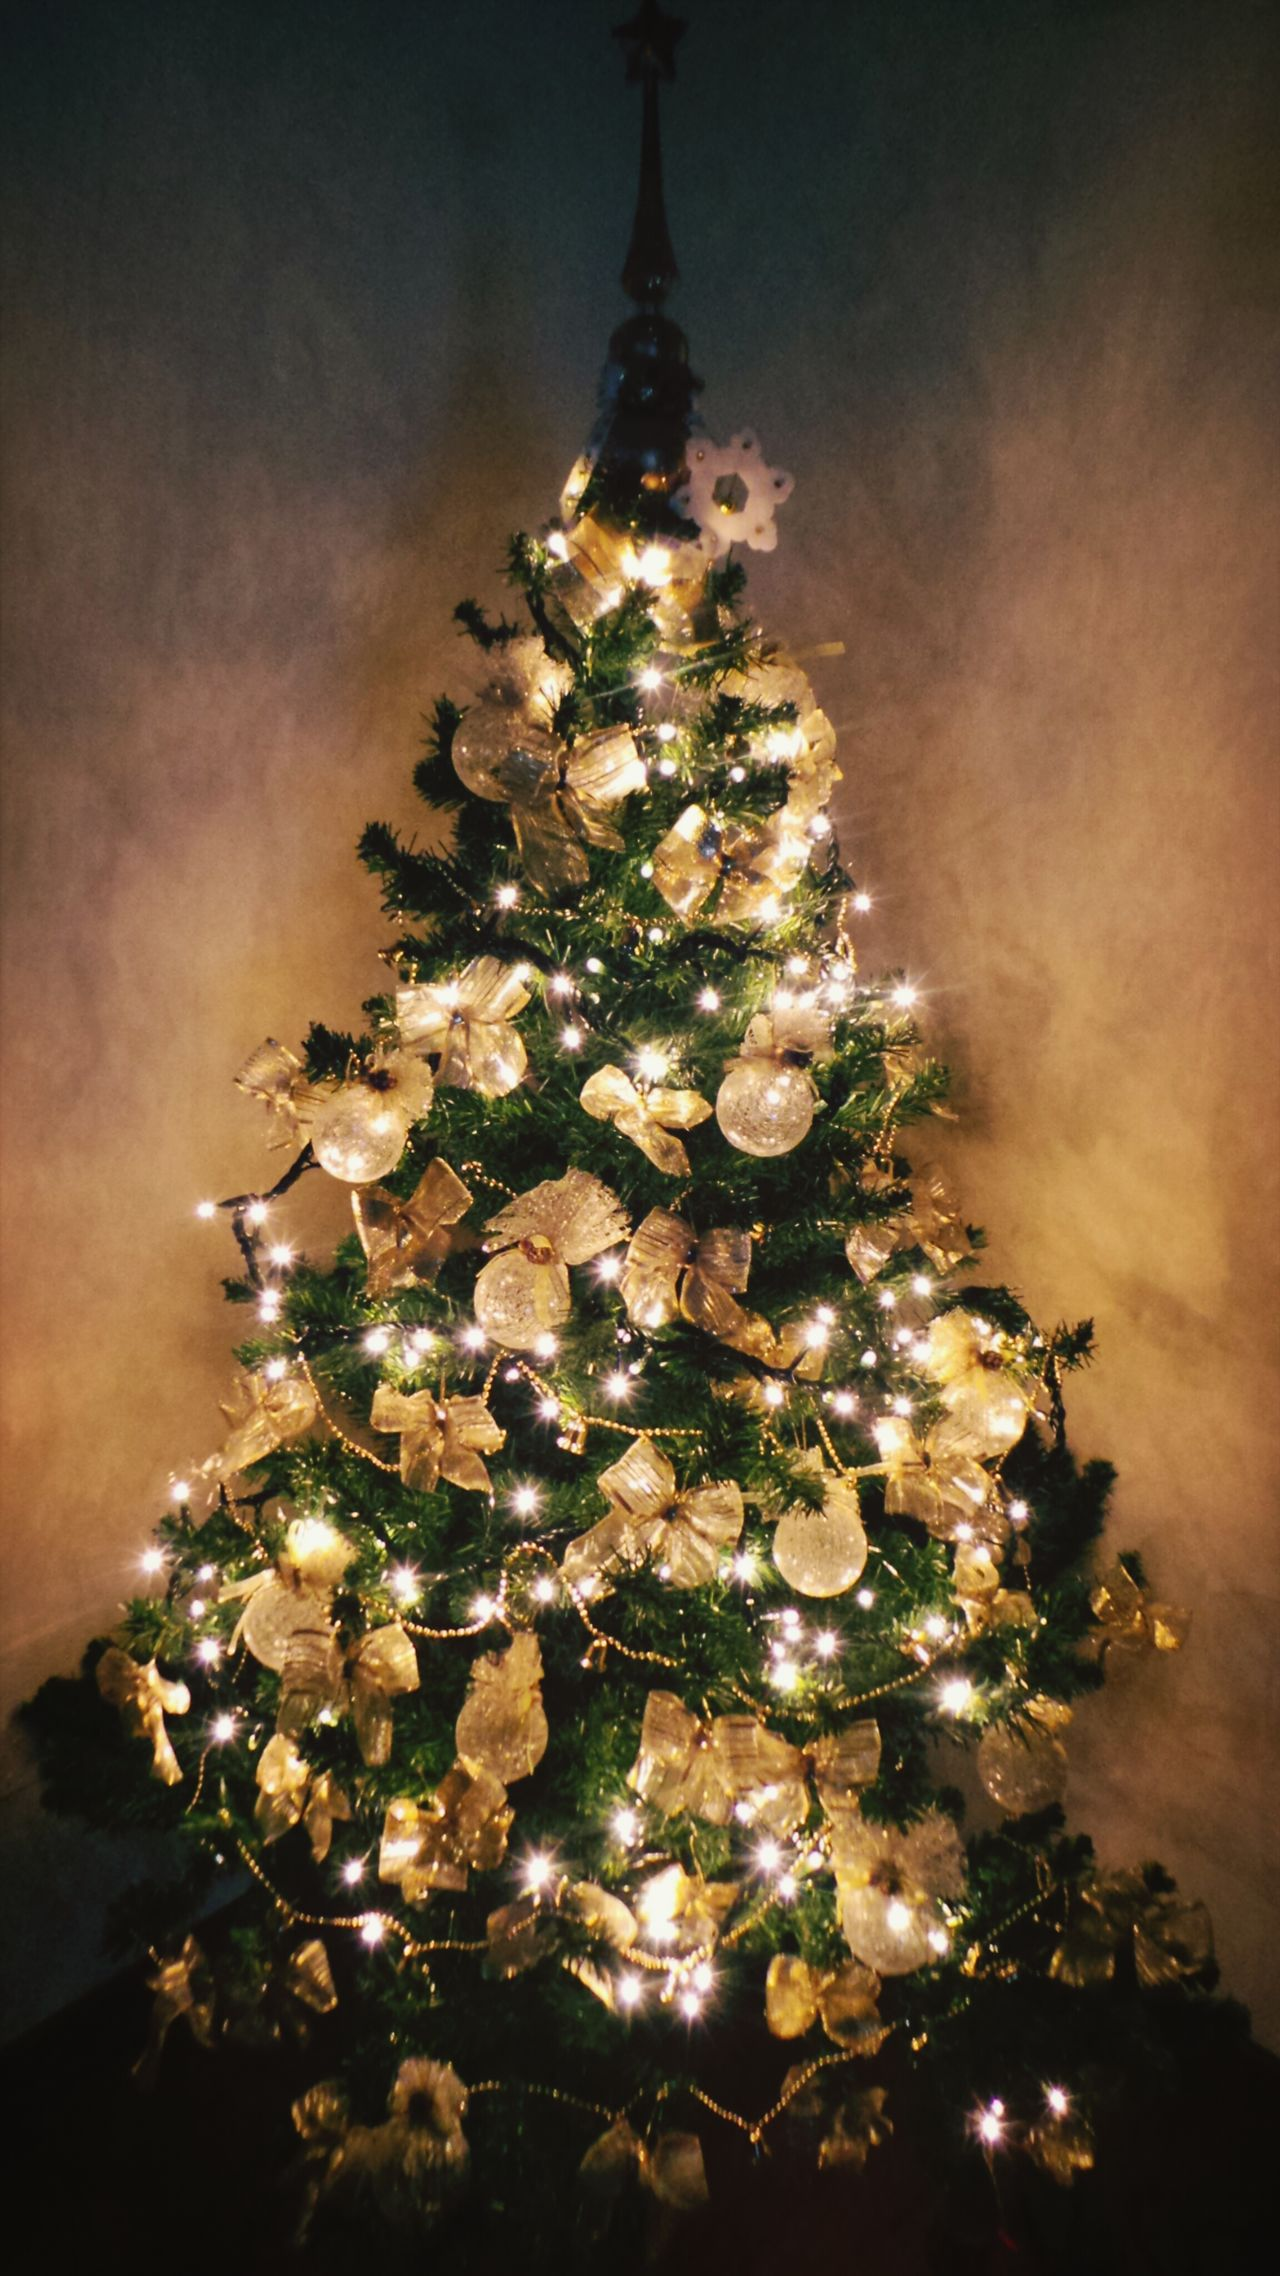 Christmas Tree Christmas Lights Albero Di Natale Christmas 43 Golden Moments